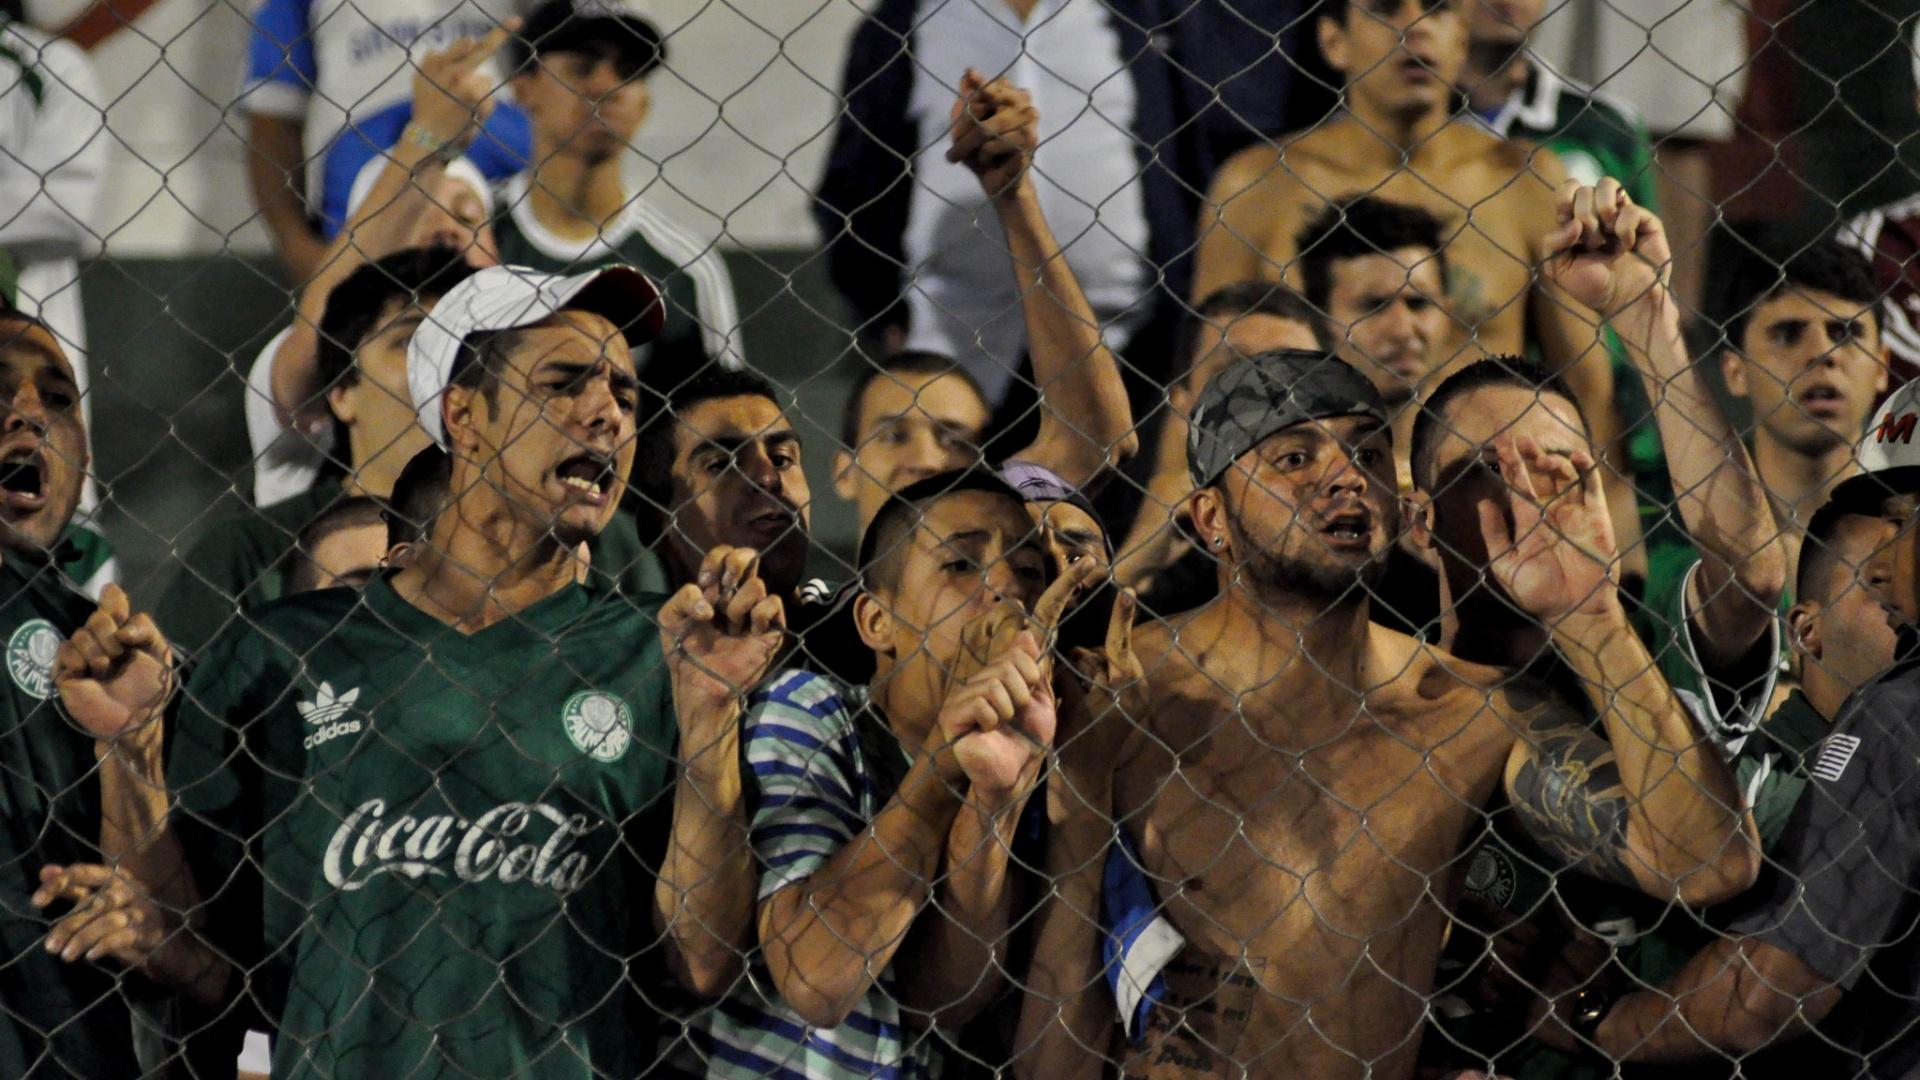 Torcida do Palmeiras protesta no Canindé após derrota para o Figueirense